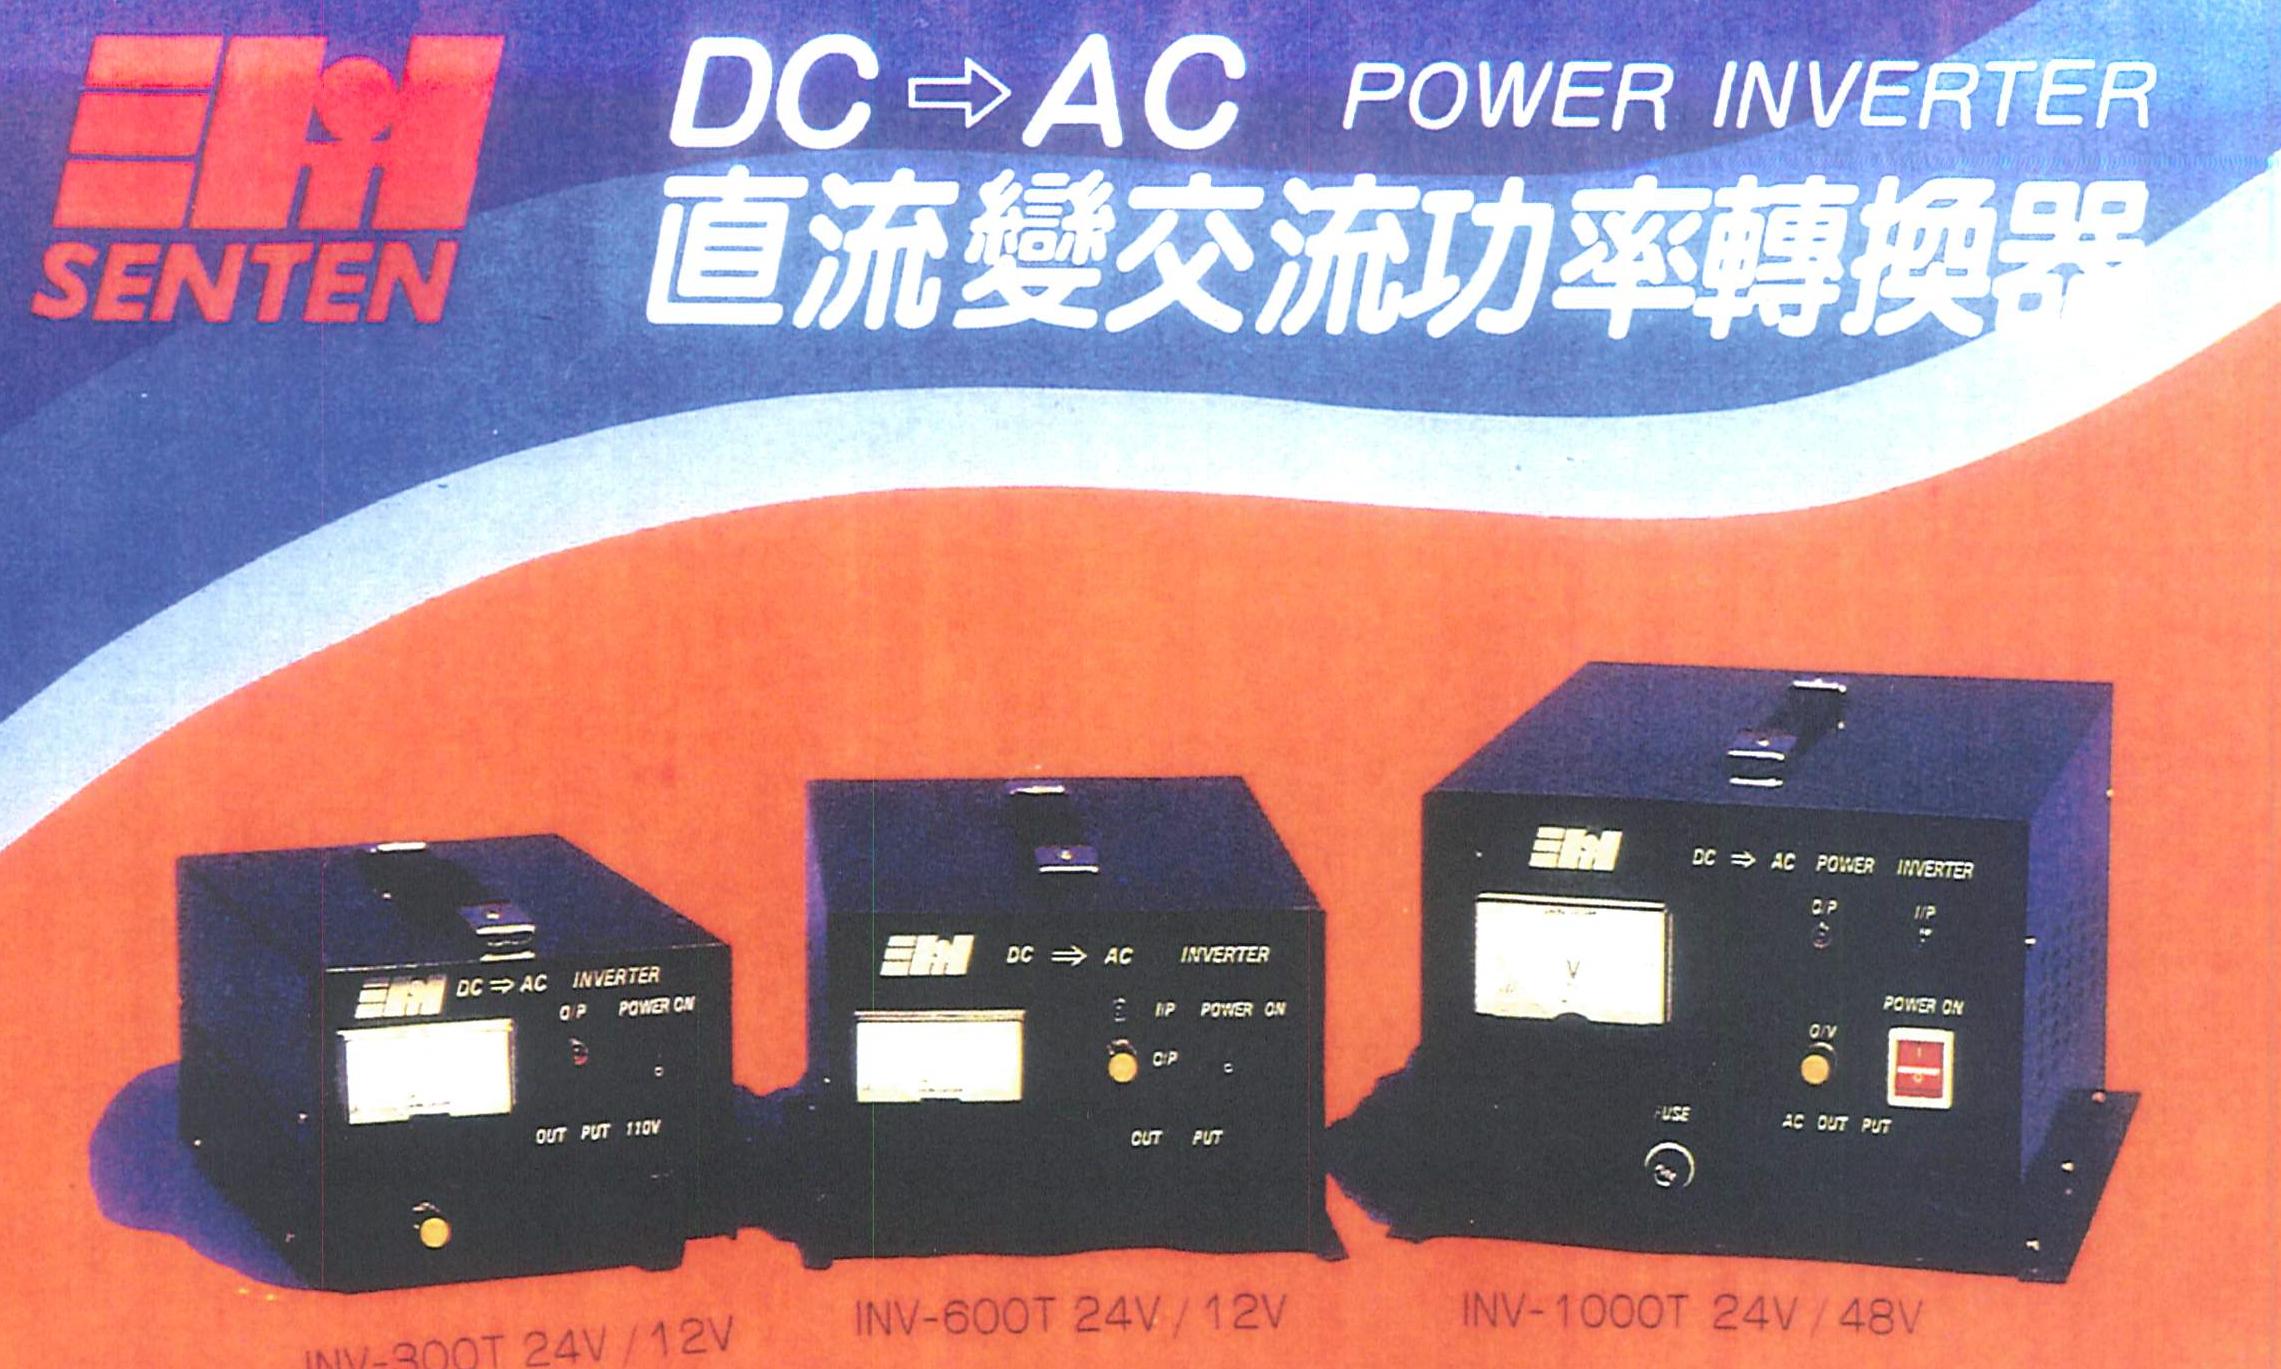 DC->AC 直流變交流功率轉換器